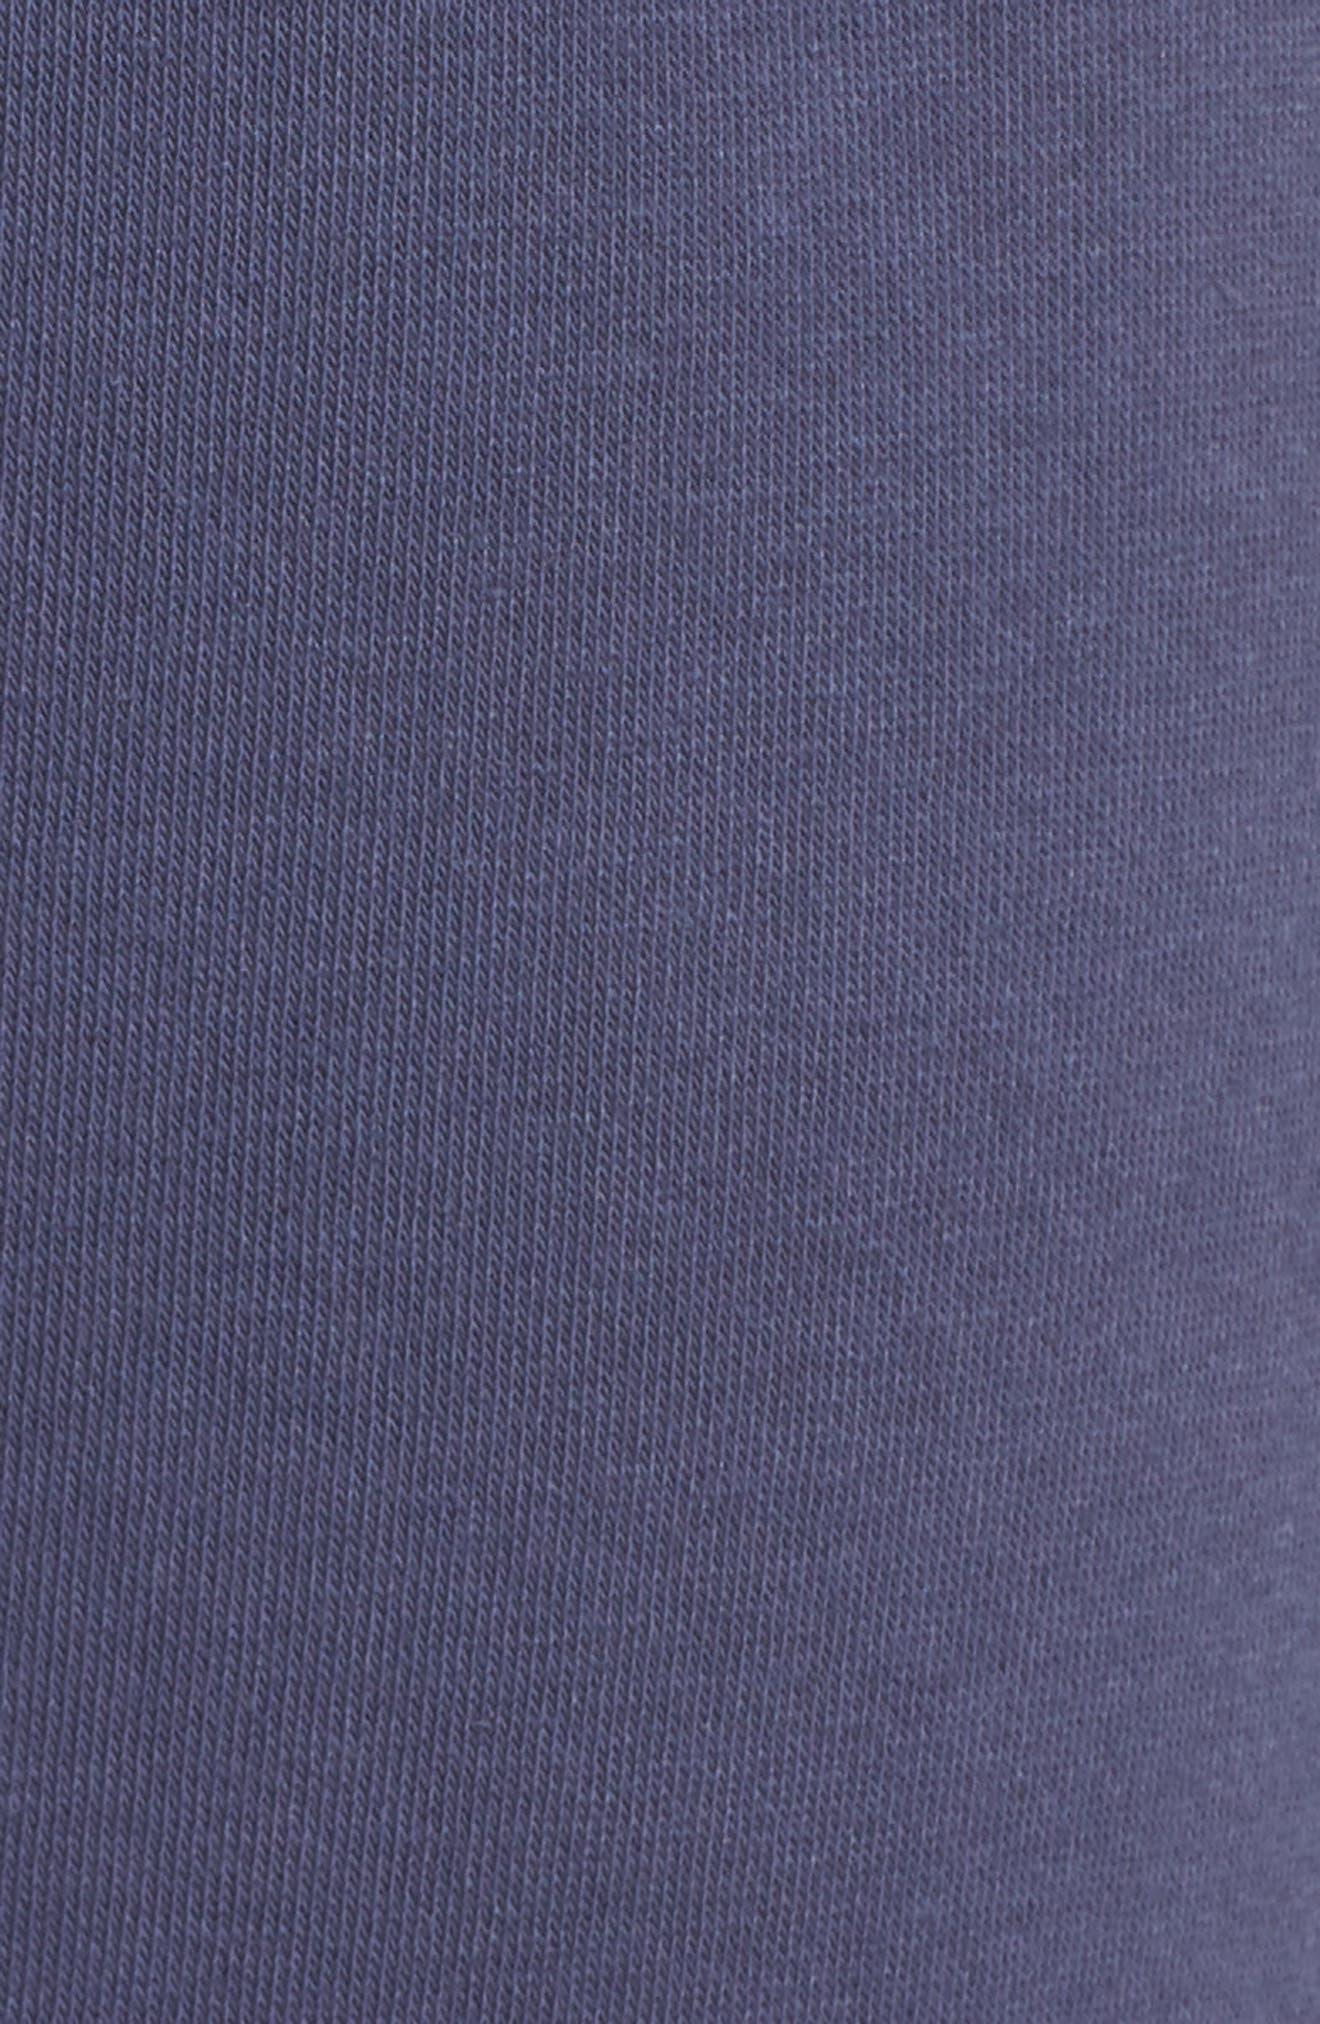 Sleepy High Rise Lounge Jogger Pants,                             Alternate thumbnail 7, color,                             Blue Indigo